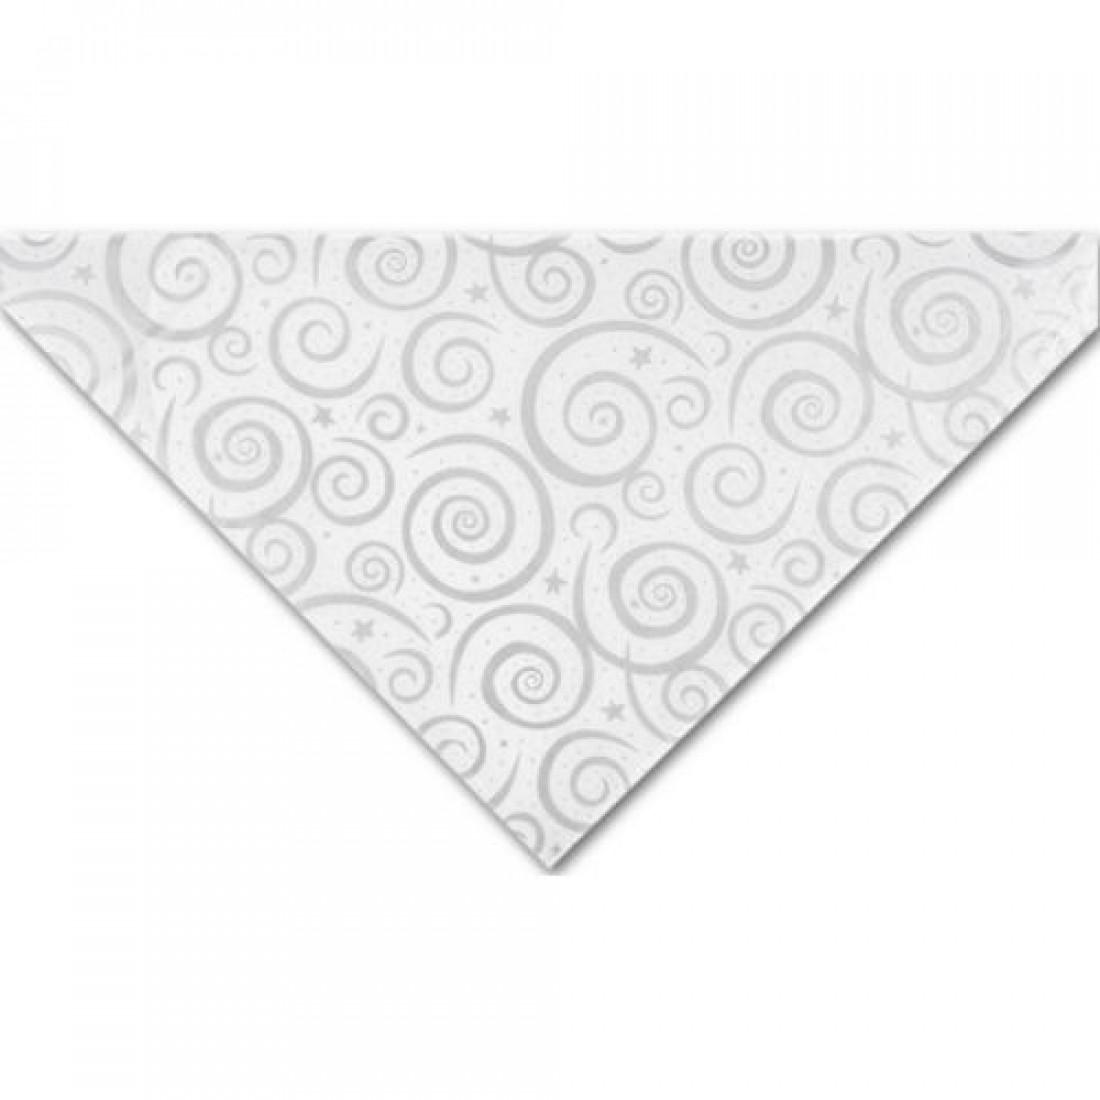 Slvr Swirls/Wht Tissue 20x30